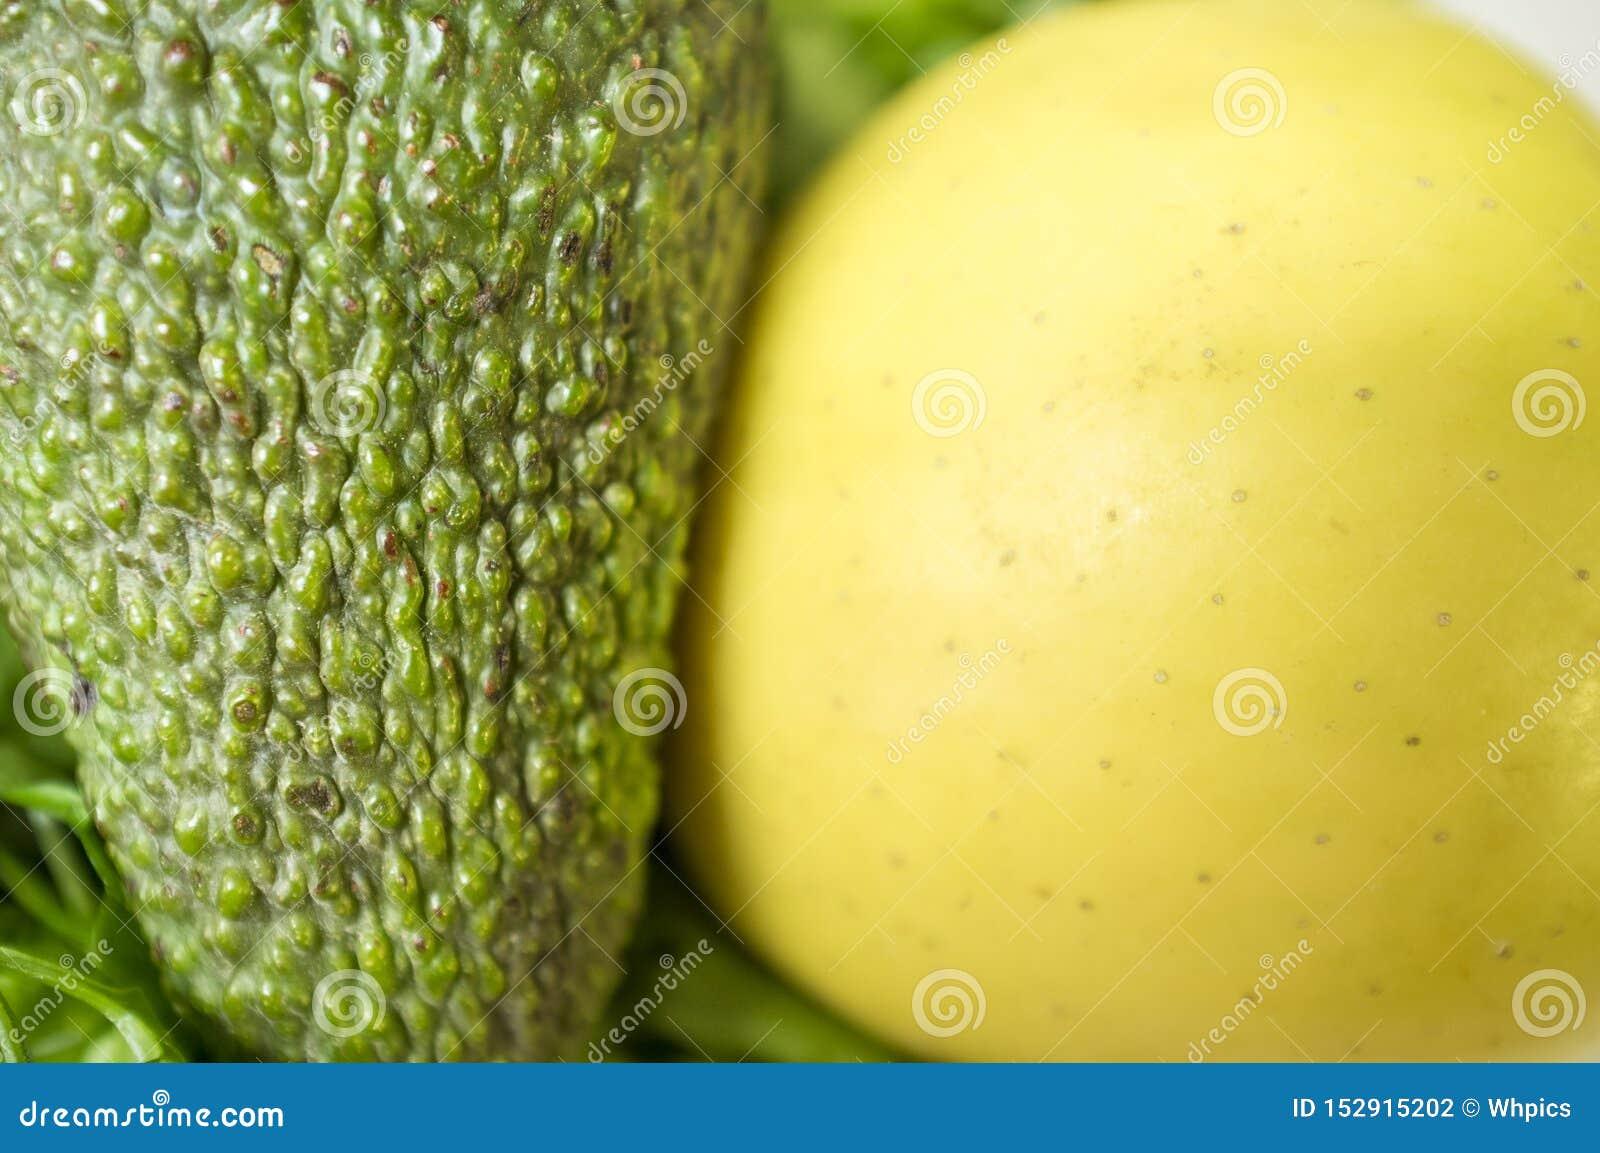 Piel suave de la manzana amarilla cerca de la piel áspera del avocato sobre el perejil fresco verde